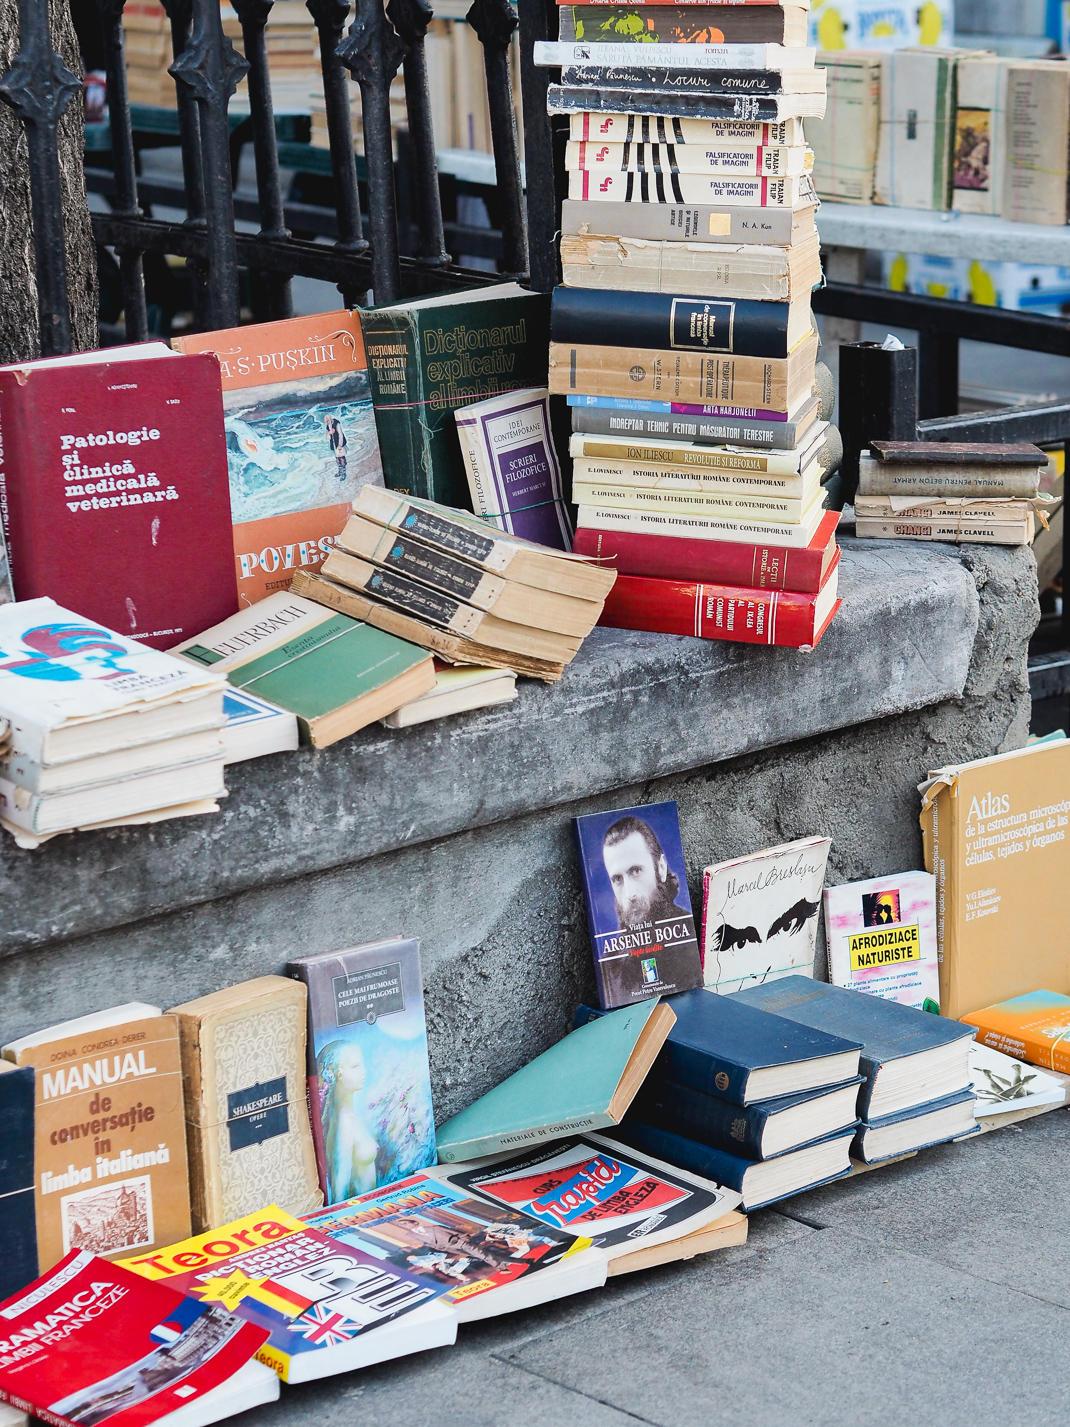 bucharest book seller